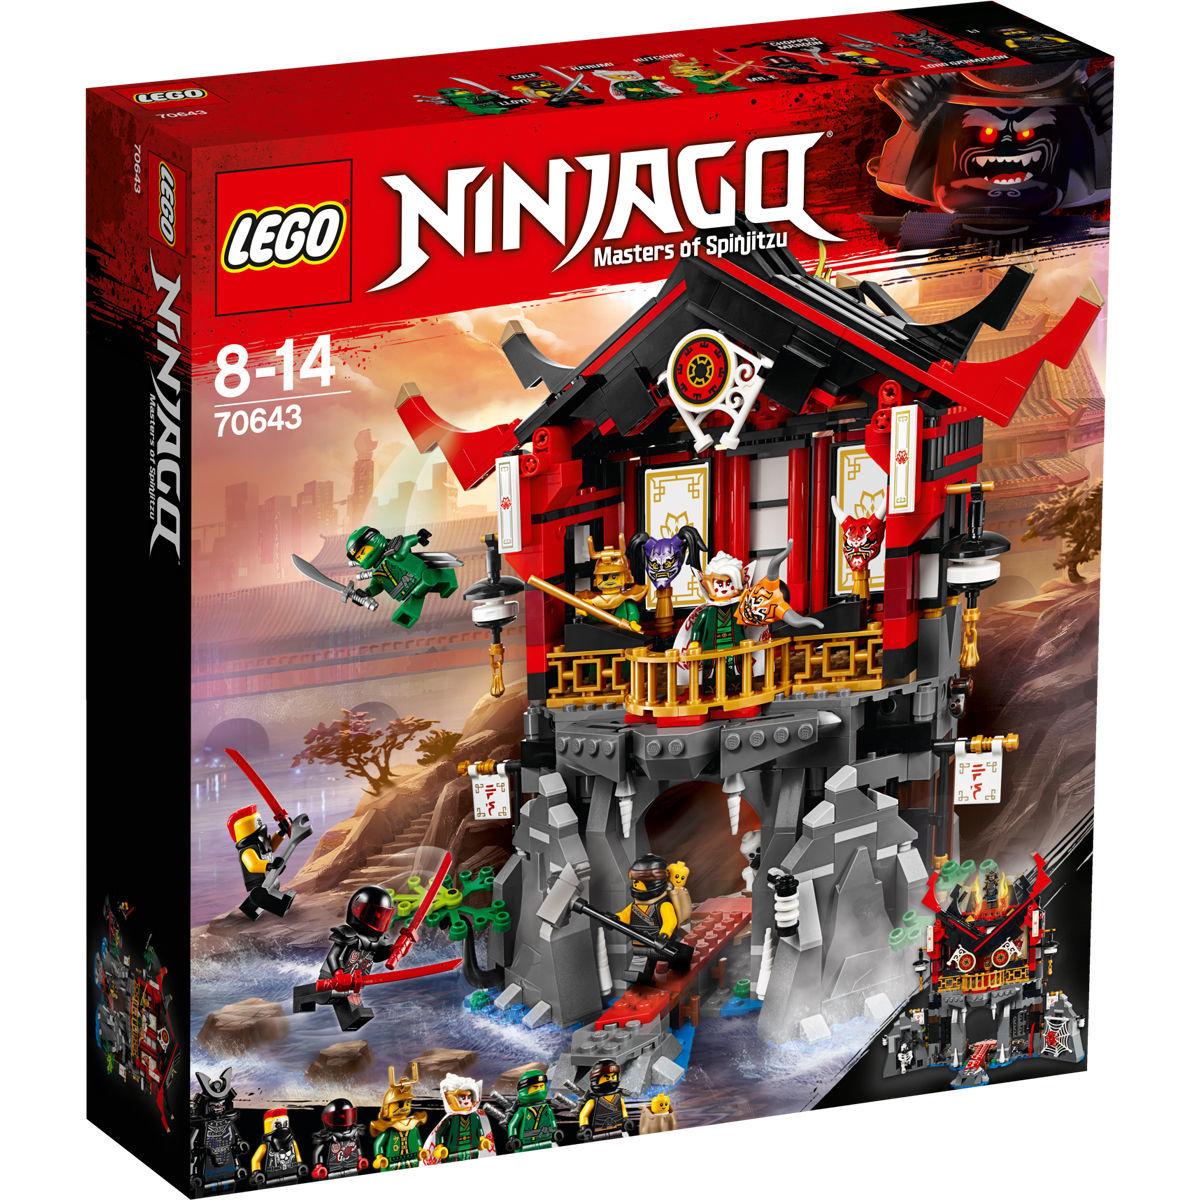 LEGO Ninjago - Tempel der Auferstehung (70643) für 47,94€ bei Karstadt